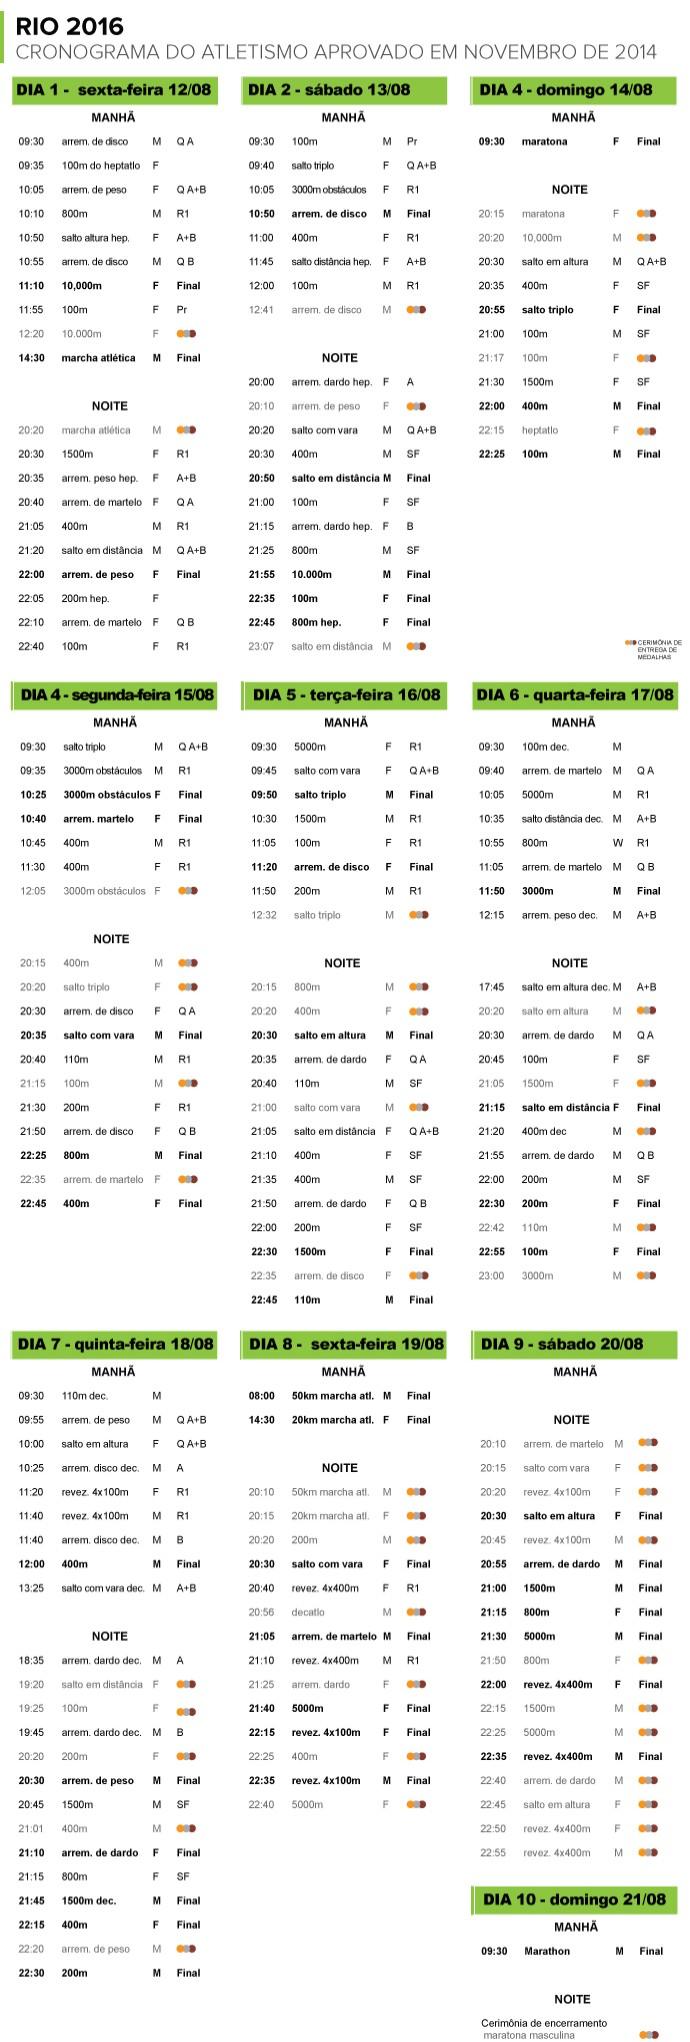 tabela atletismo RIO 2016 - 2 (Foto: infoesporte)